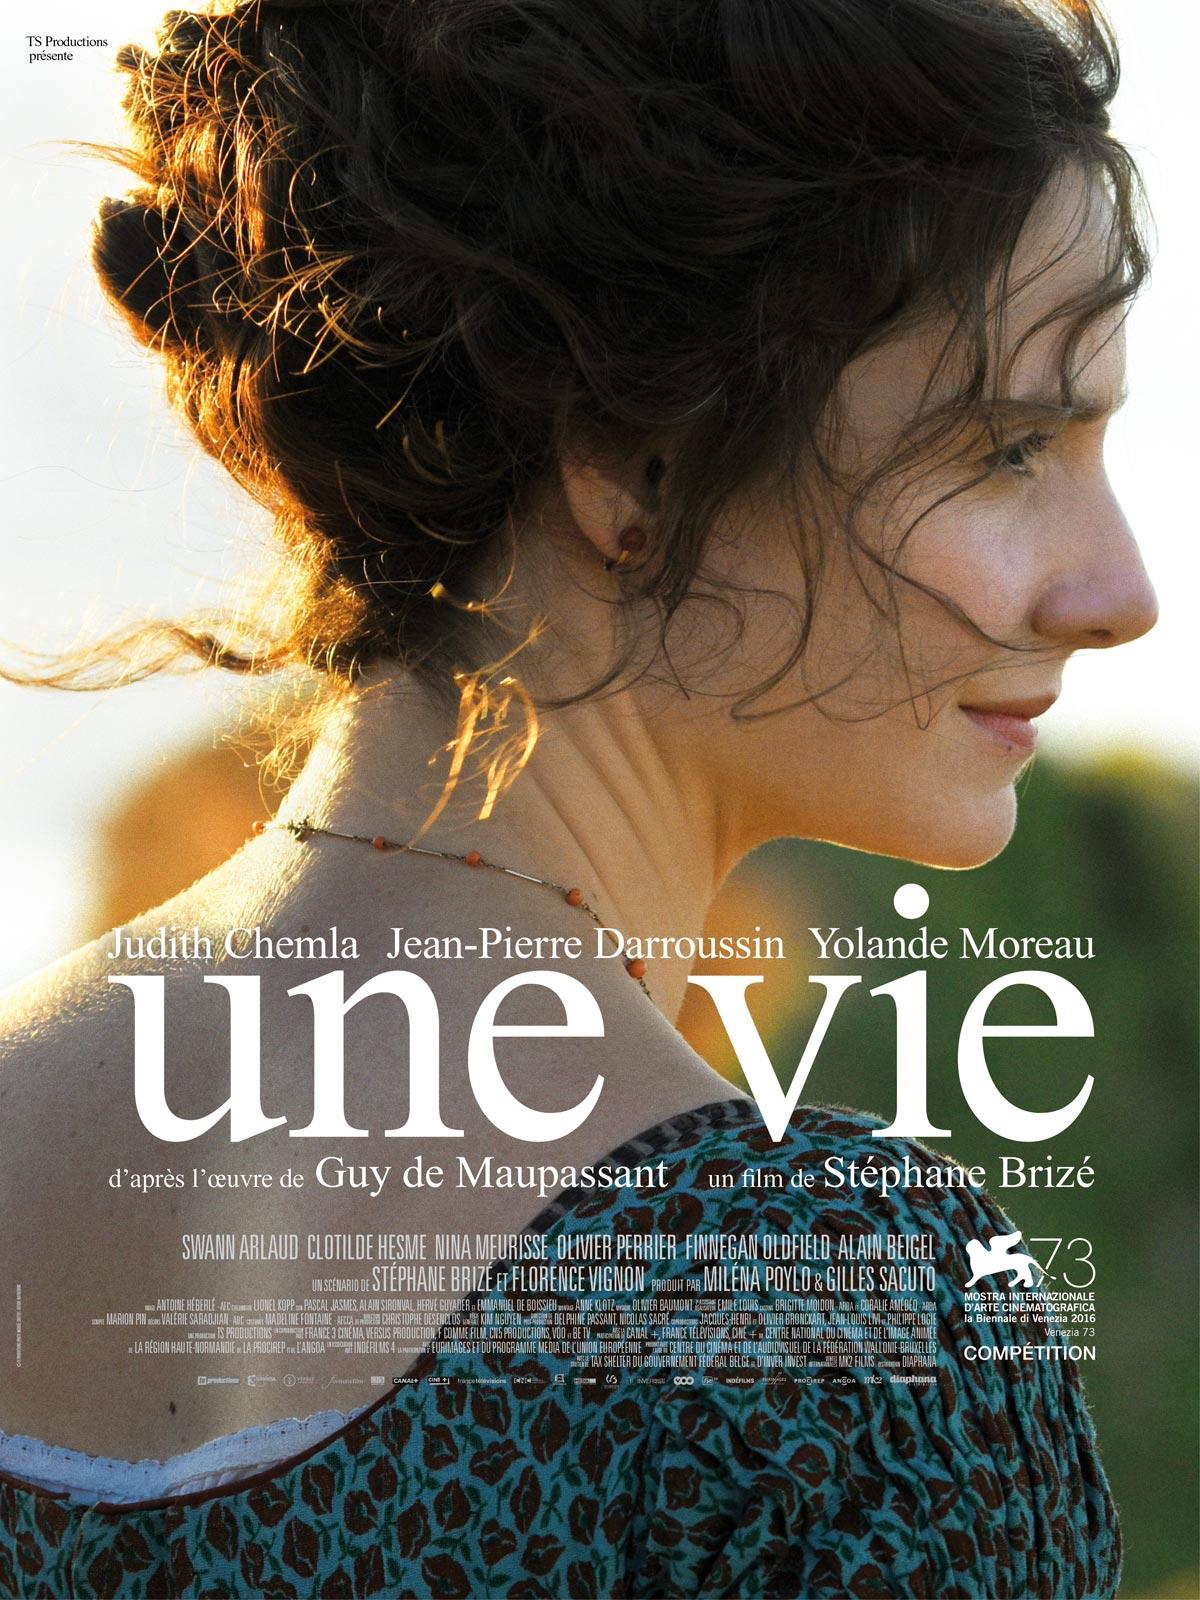 WIOSNA FILMÓW: Historia pewnego życia